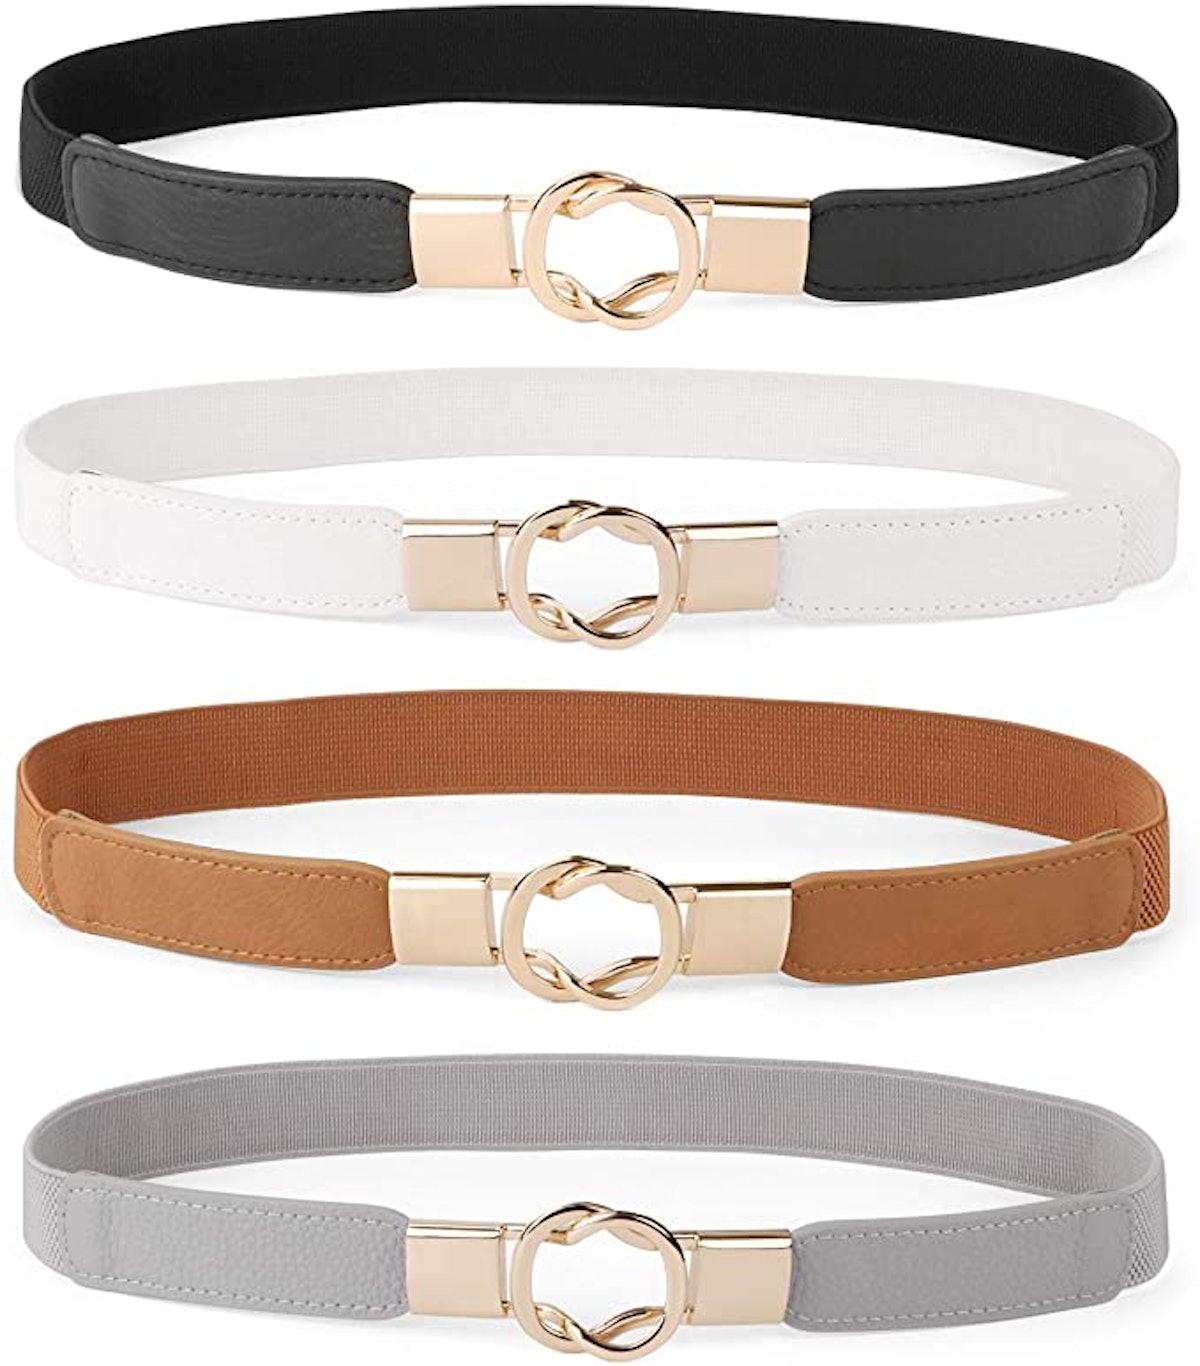 WERFORU Plus Size Skinny Waist Belt (Set of 4)